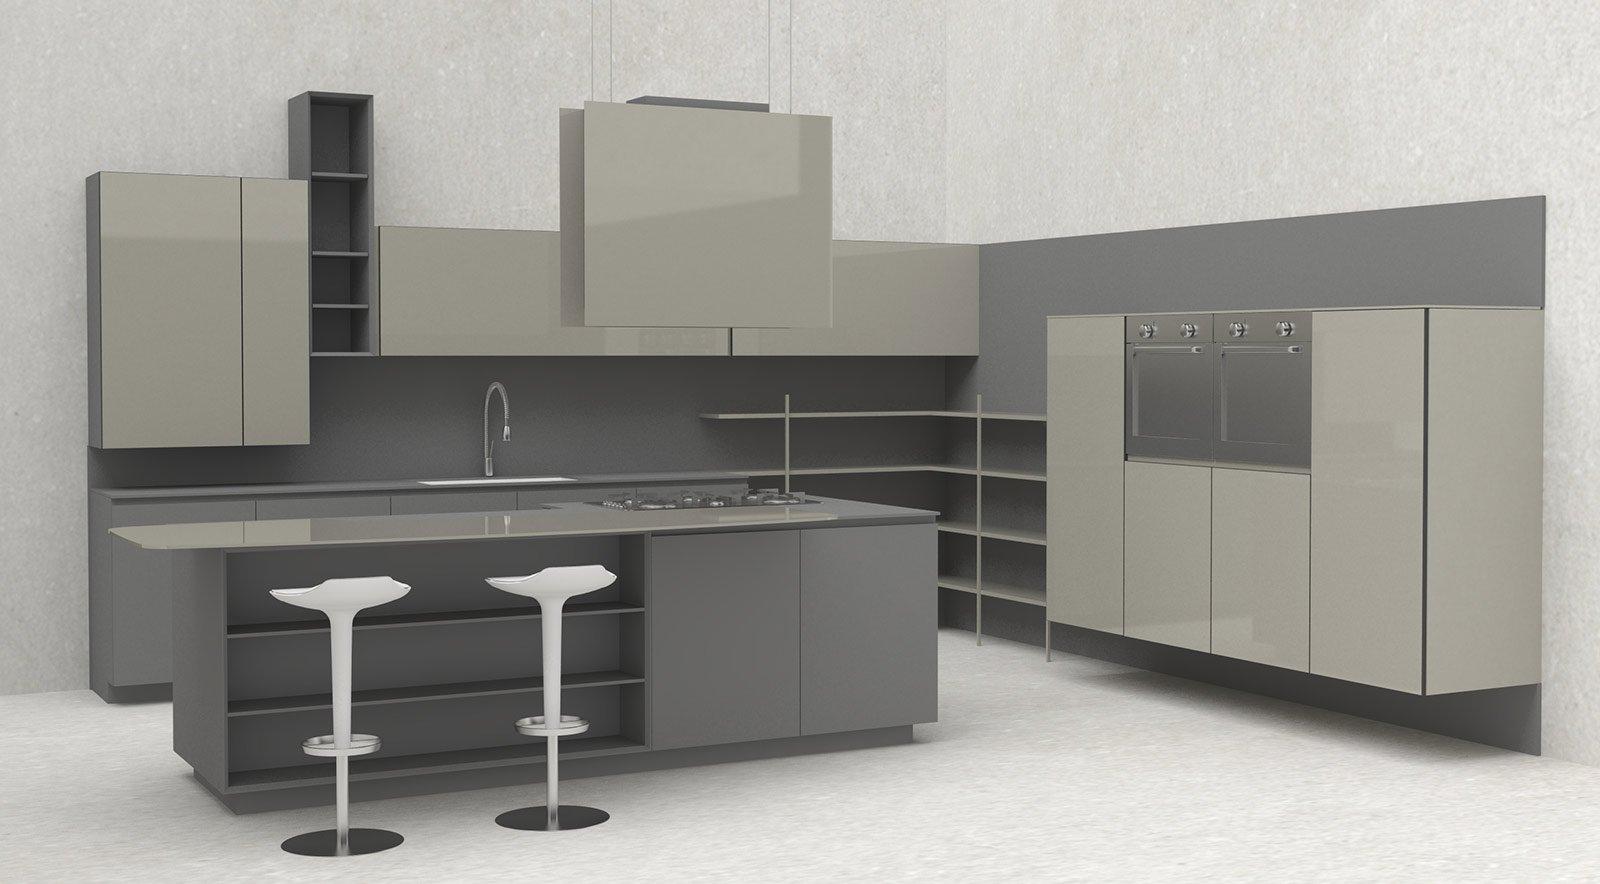 Pensili Cucina Laccati : Salone del mobile mix di materiali per le nuove cucine cose casa